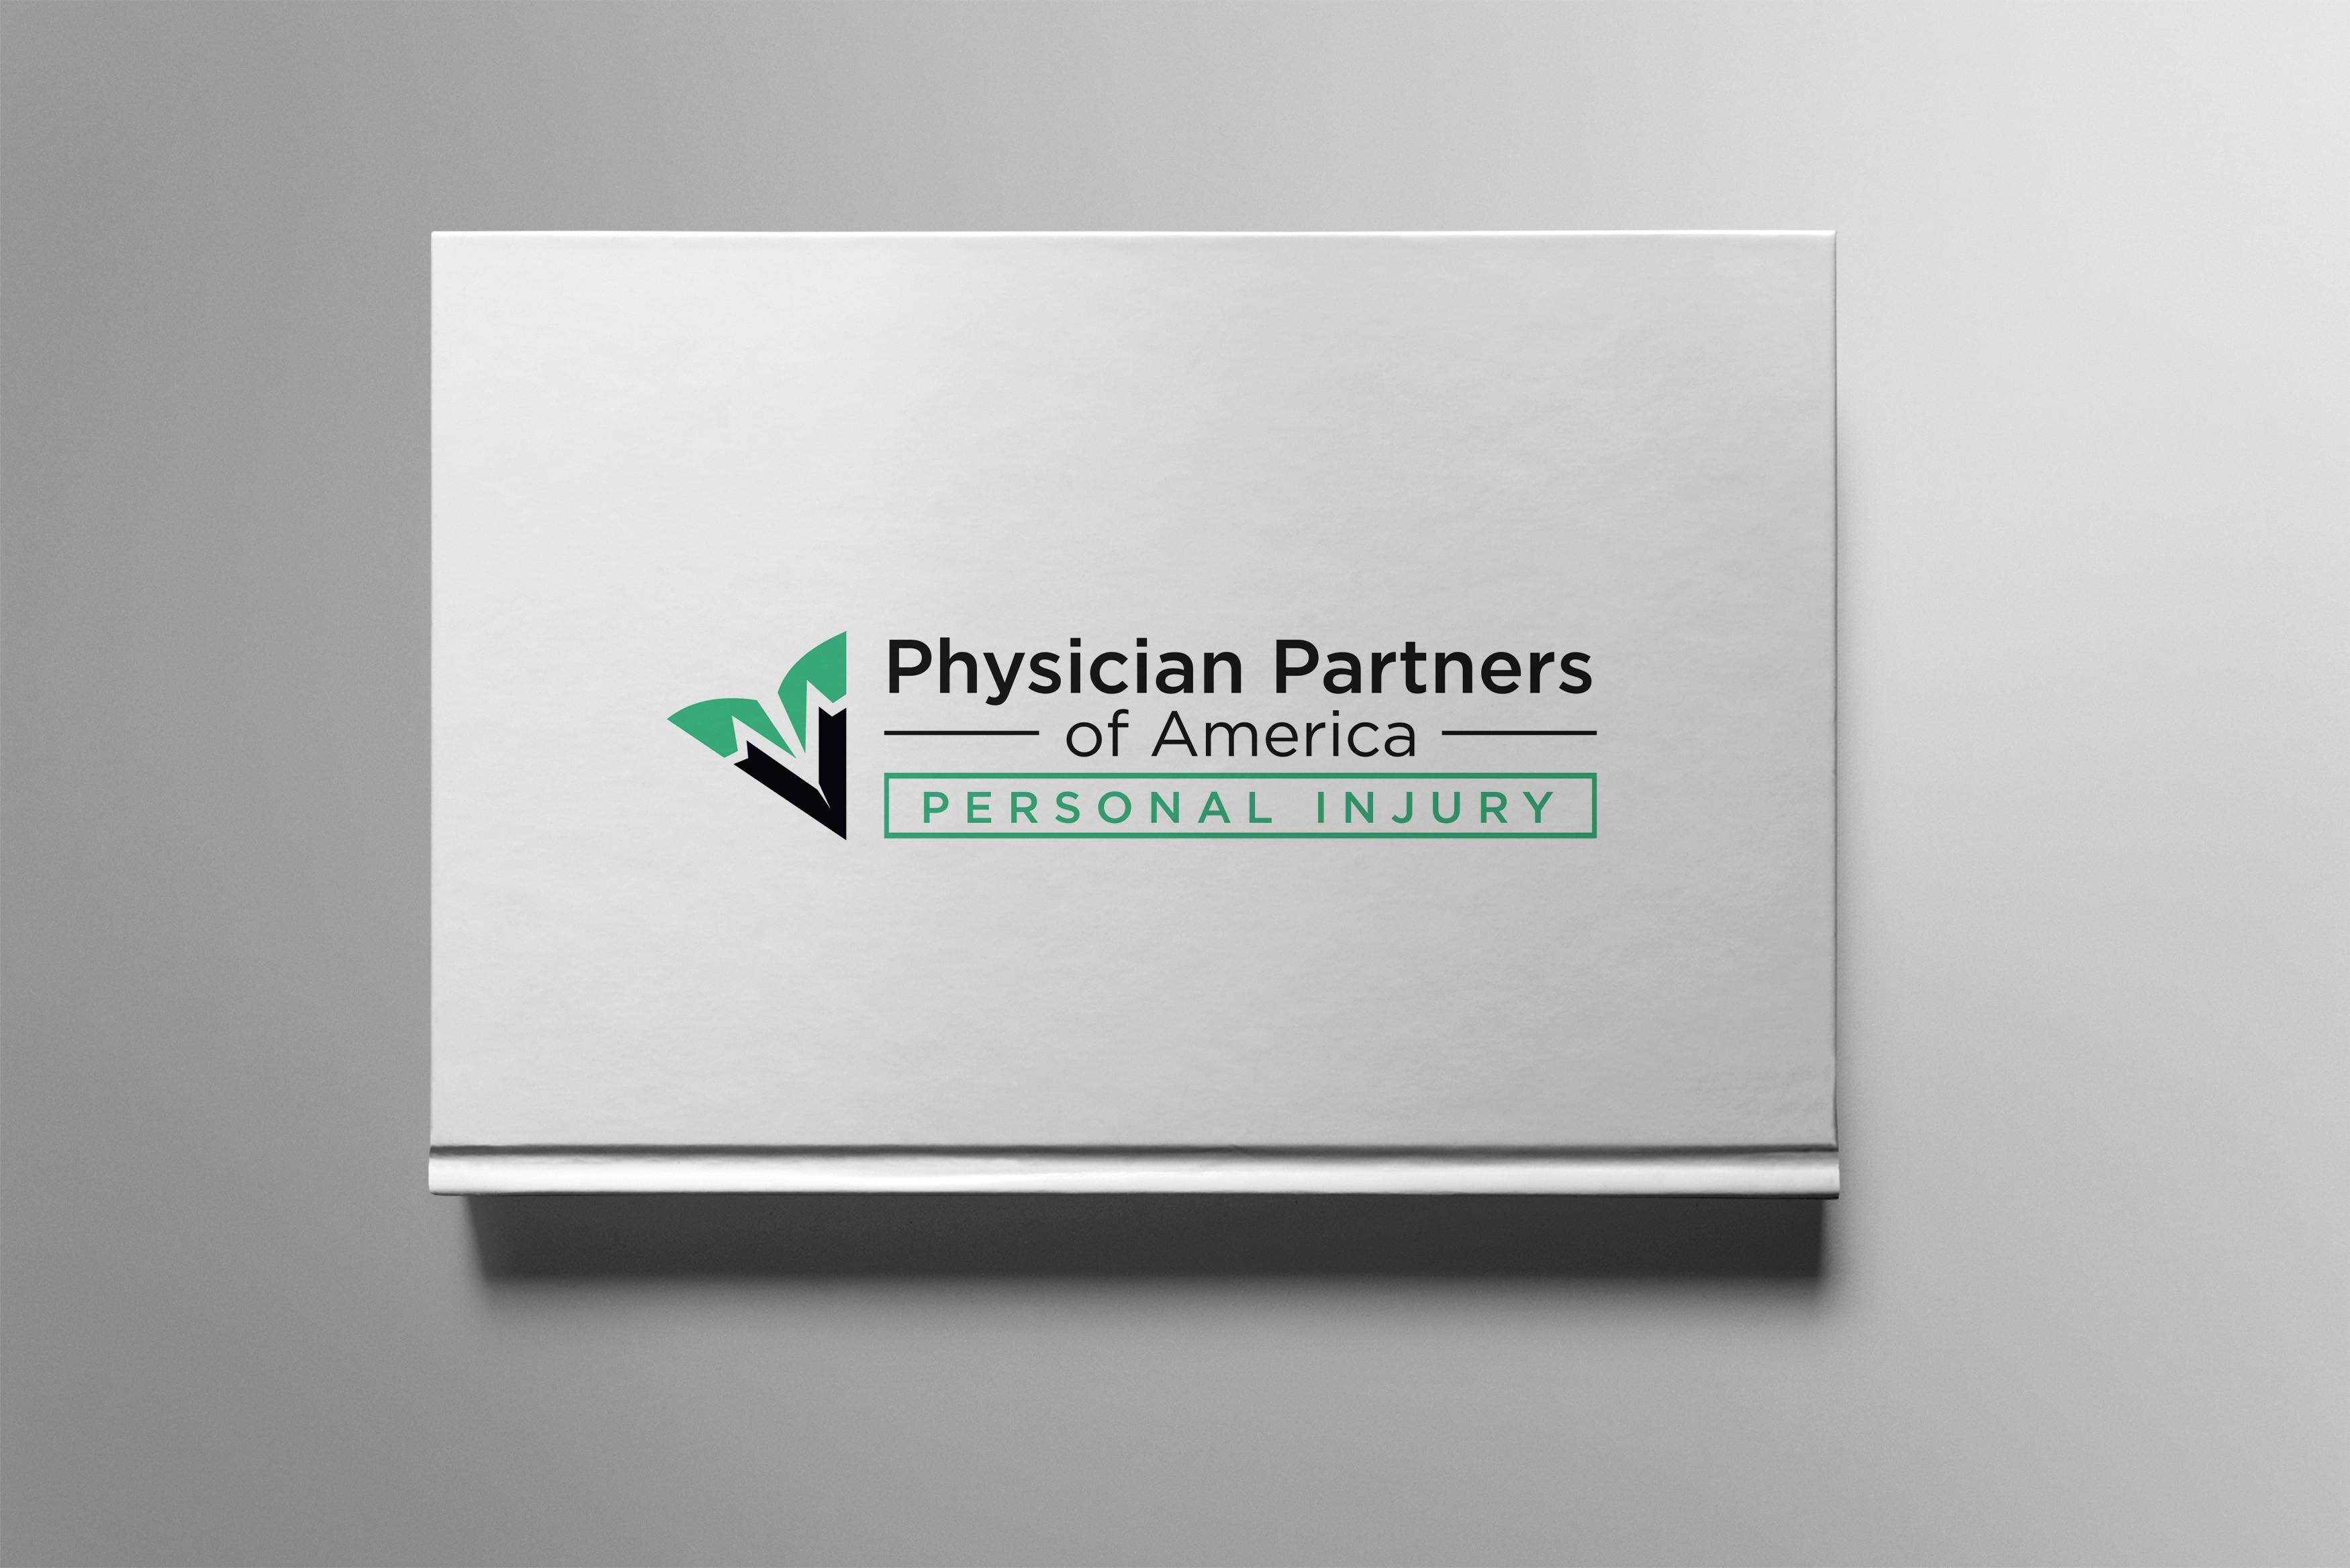 PPOA Personal Injury logo